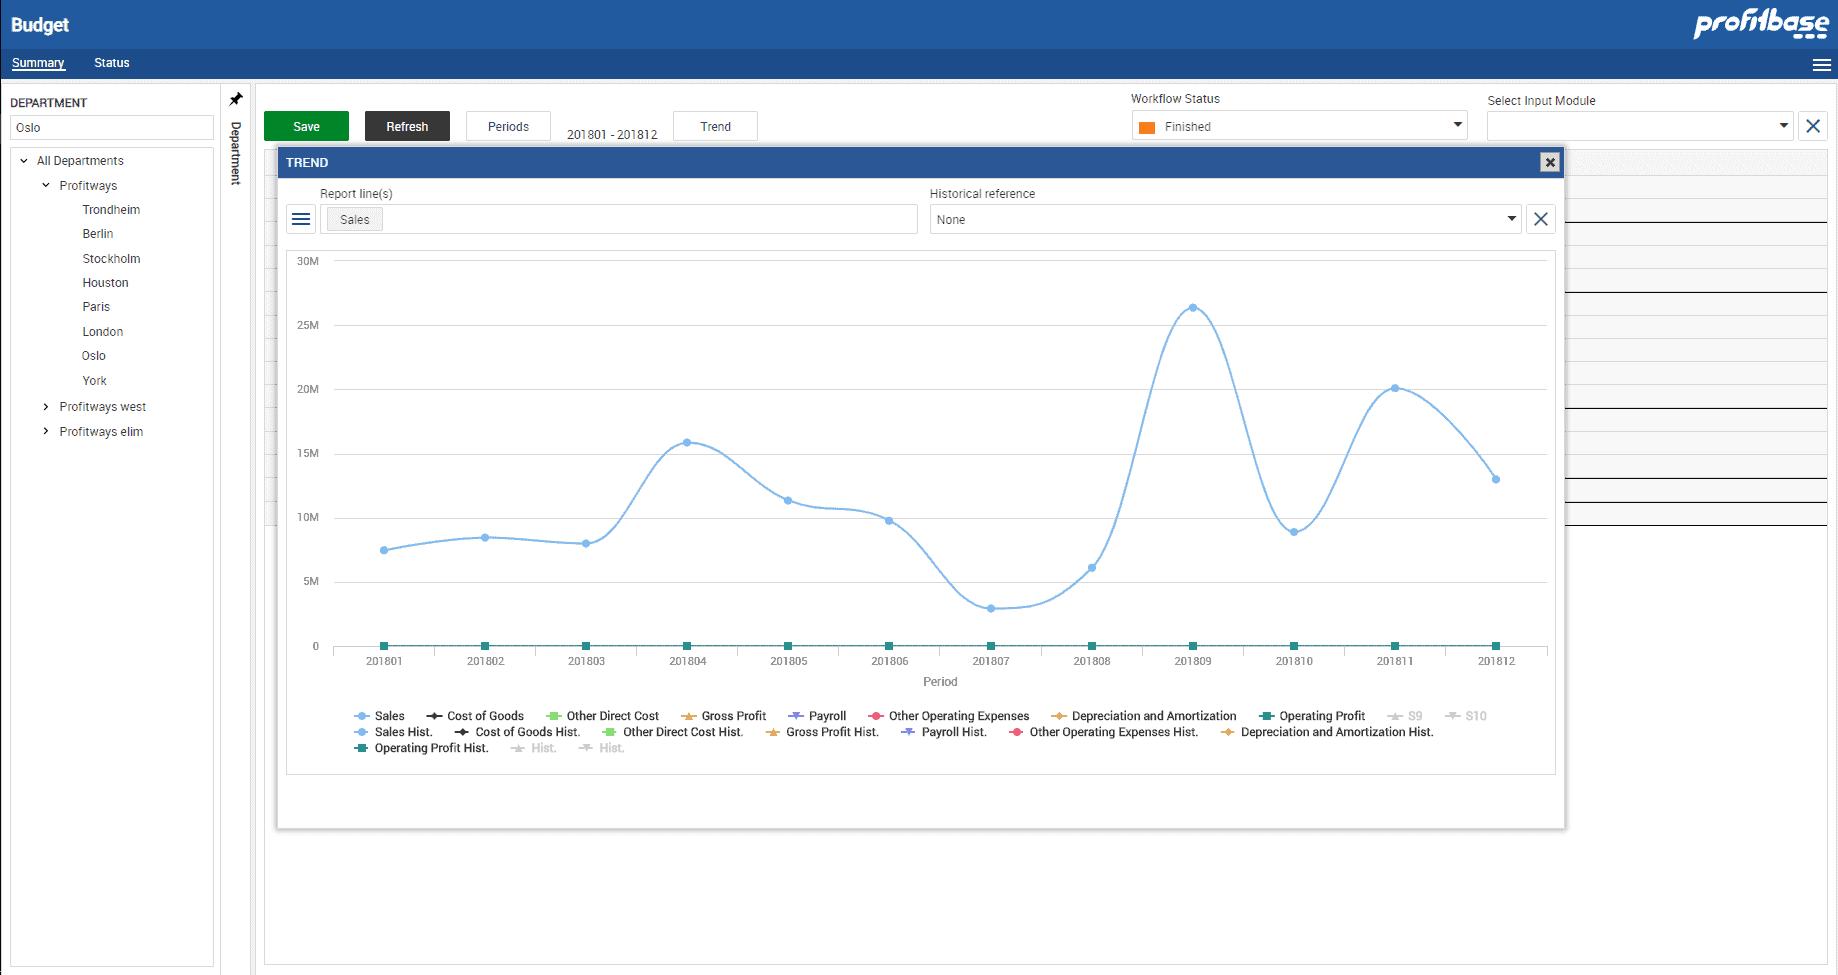 Graf som viser trend - Profitbase